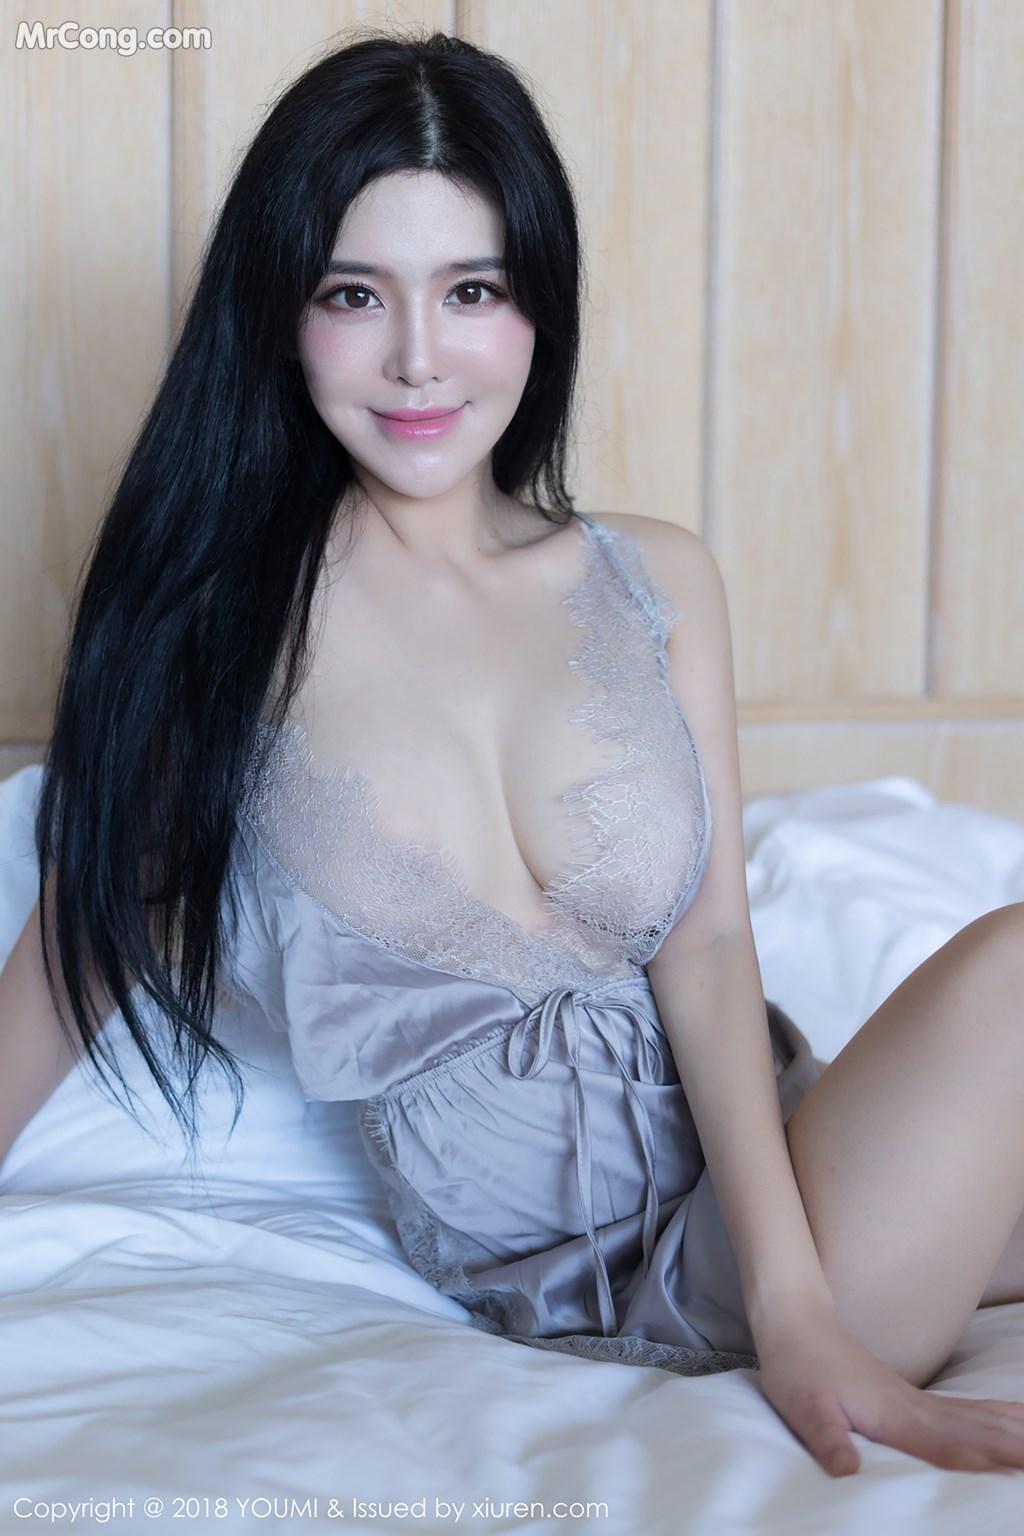 Image YouMi-Vol.227-Liu-Yu-Er-MrCong.com-007 in post YouMi Vol.227: Người mẫu Liu Yu Er (刘钰儿) (44 ảnh)